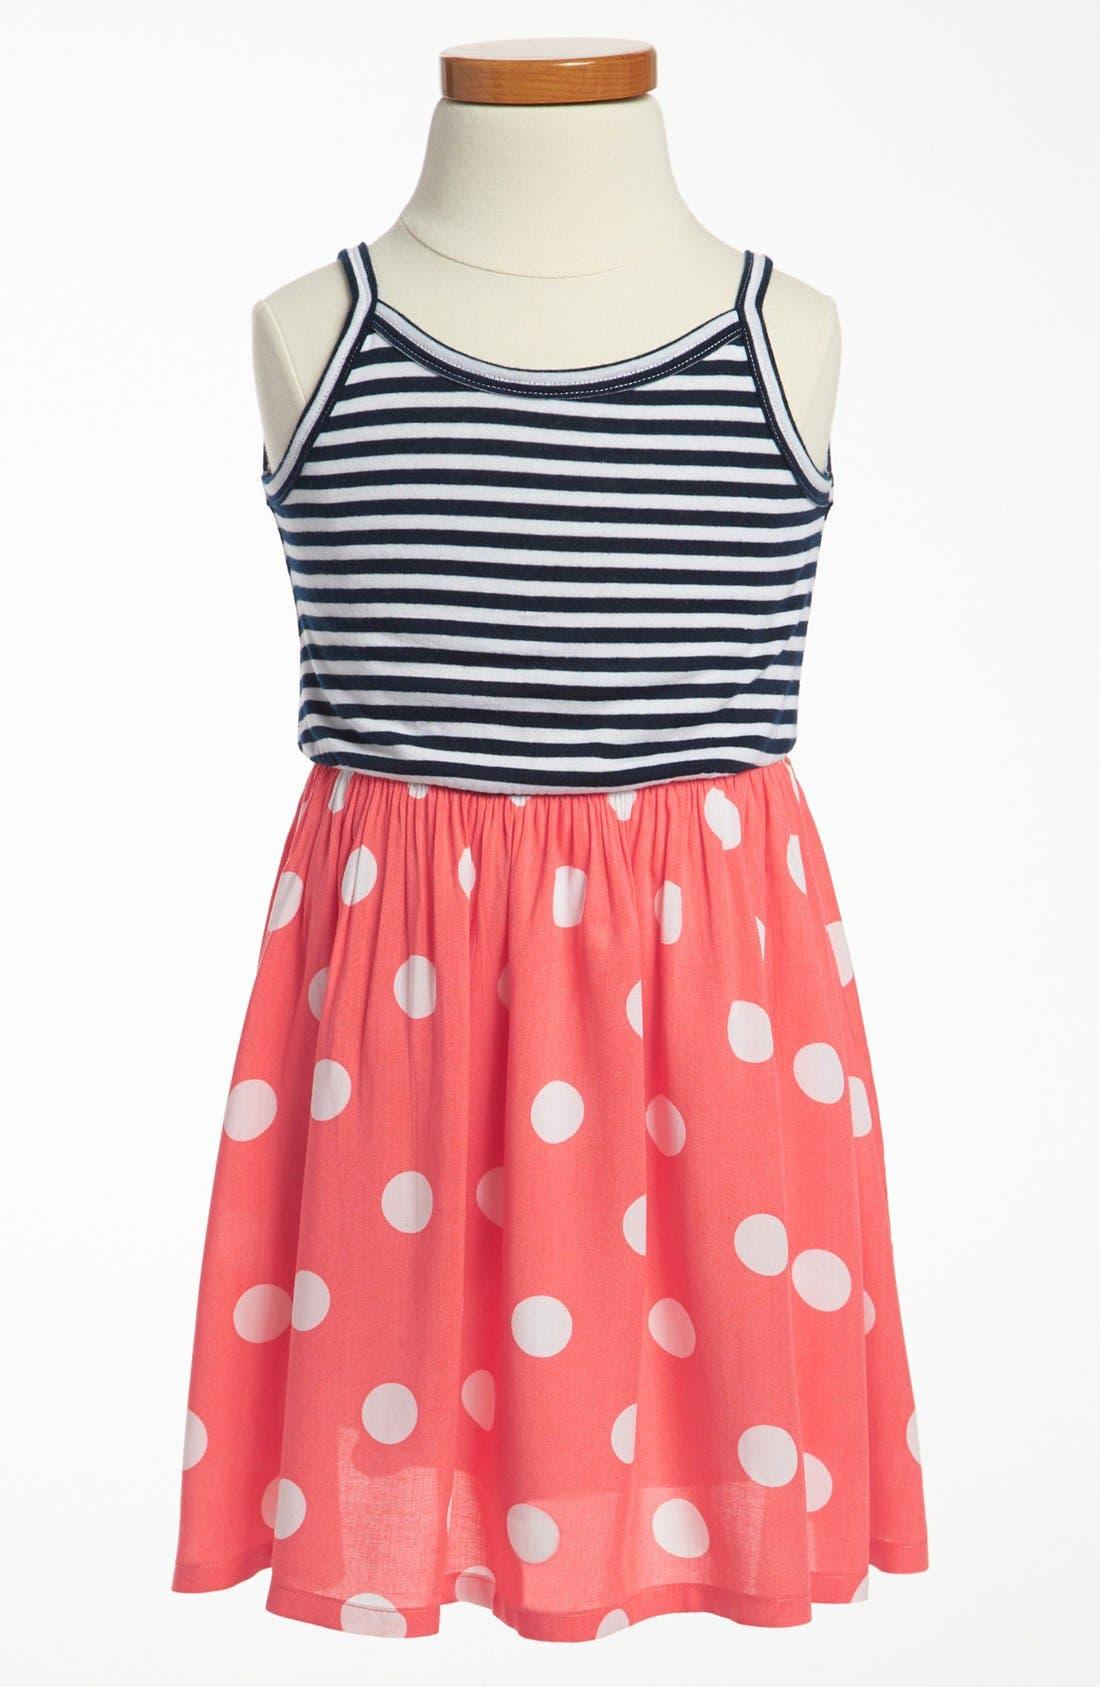 Alternate Image 1 Selected - Splendid 'Pool Party' Dress (Little Girls)